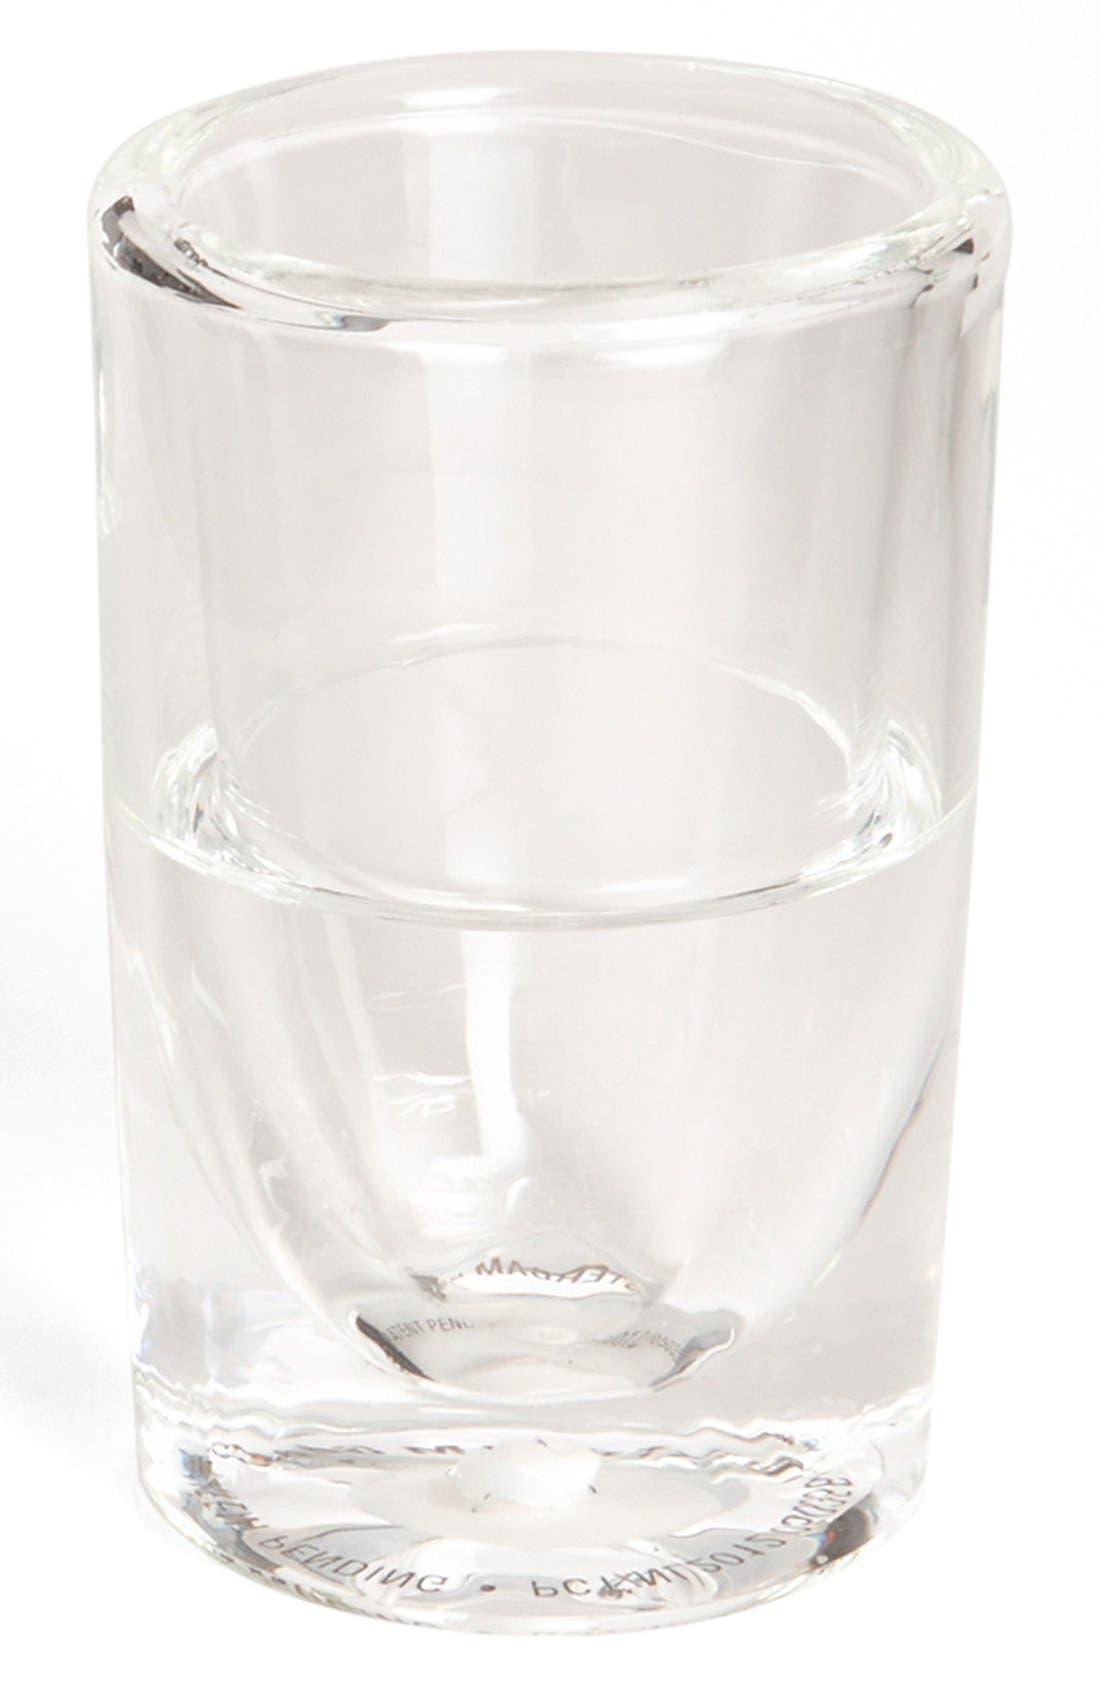 Main Image - Amsterdam Glass USA 'Freeze' Shot Glass